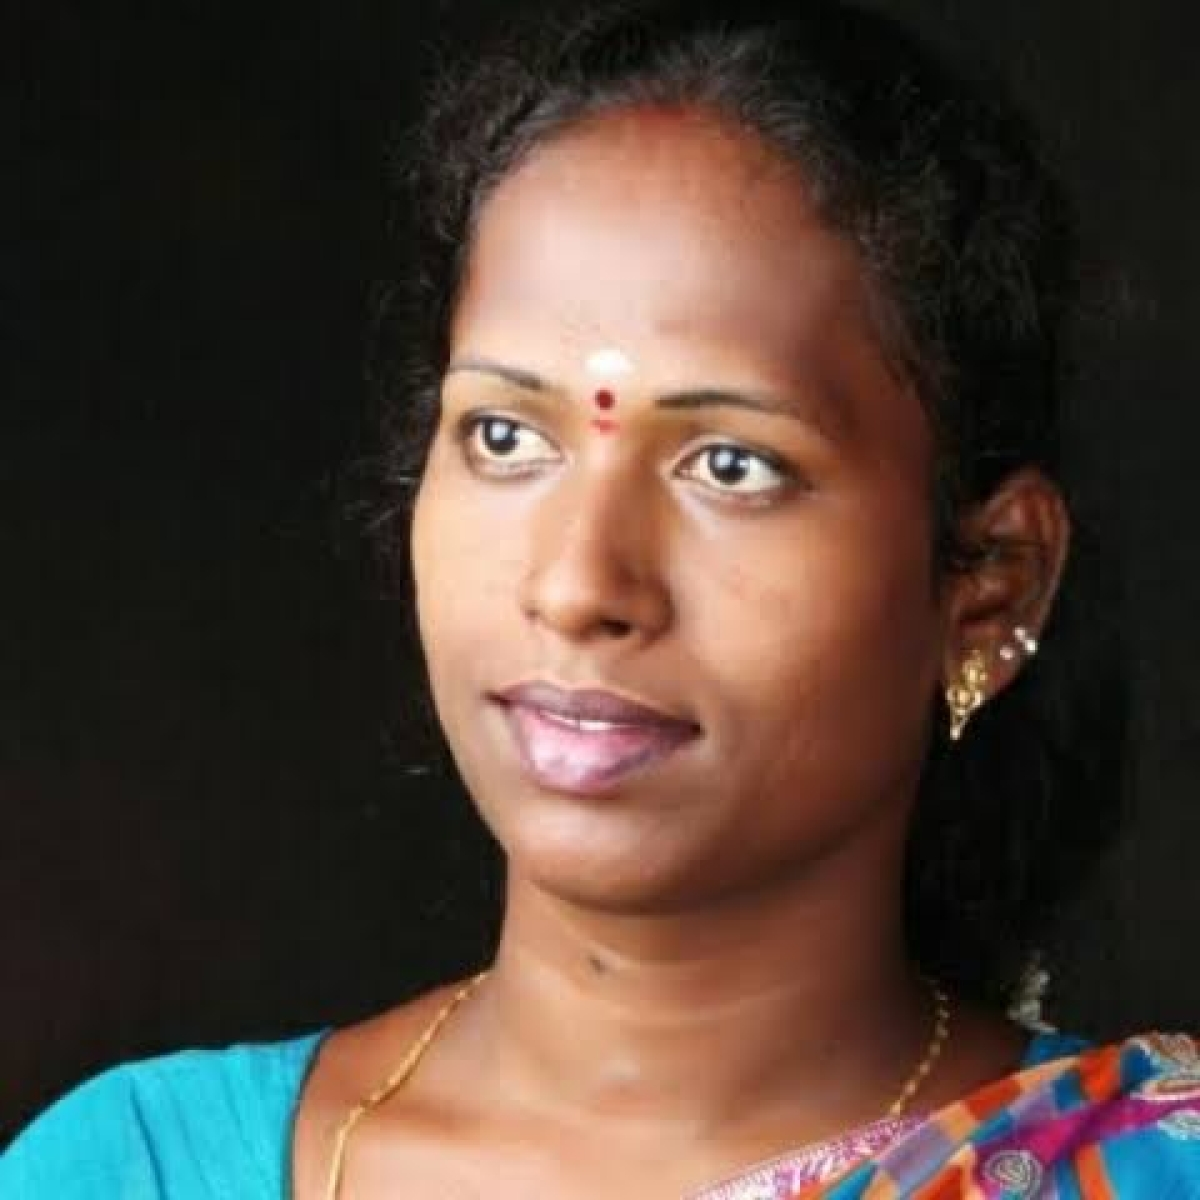 ஸ்வப்னா